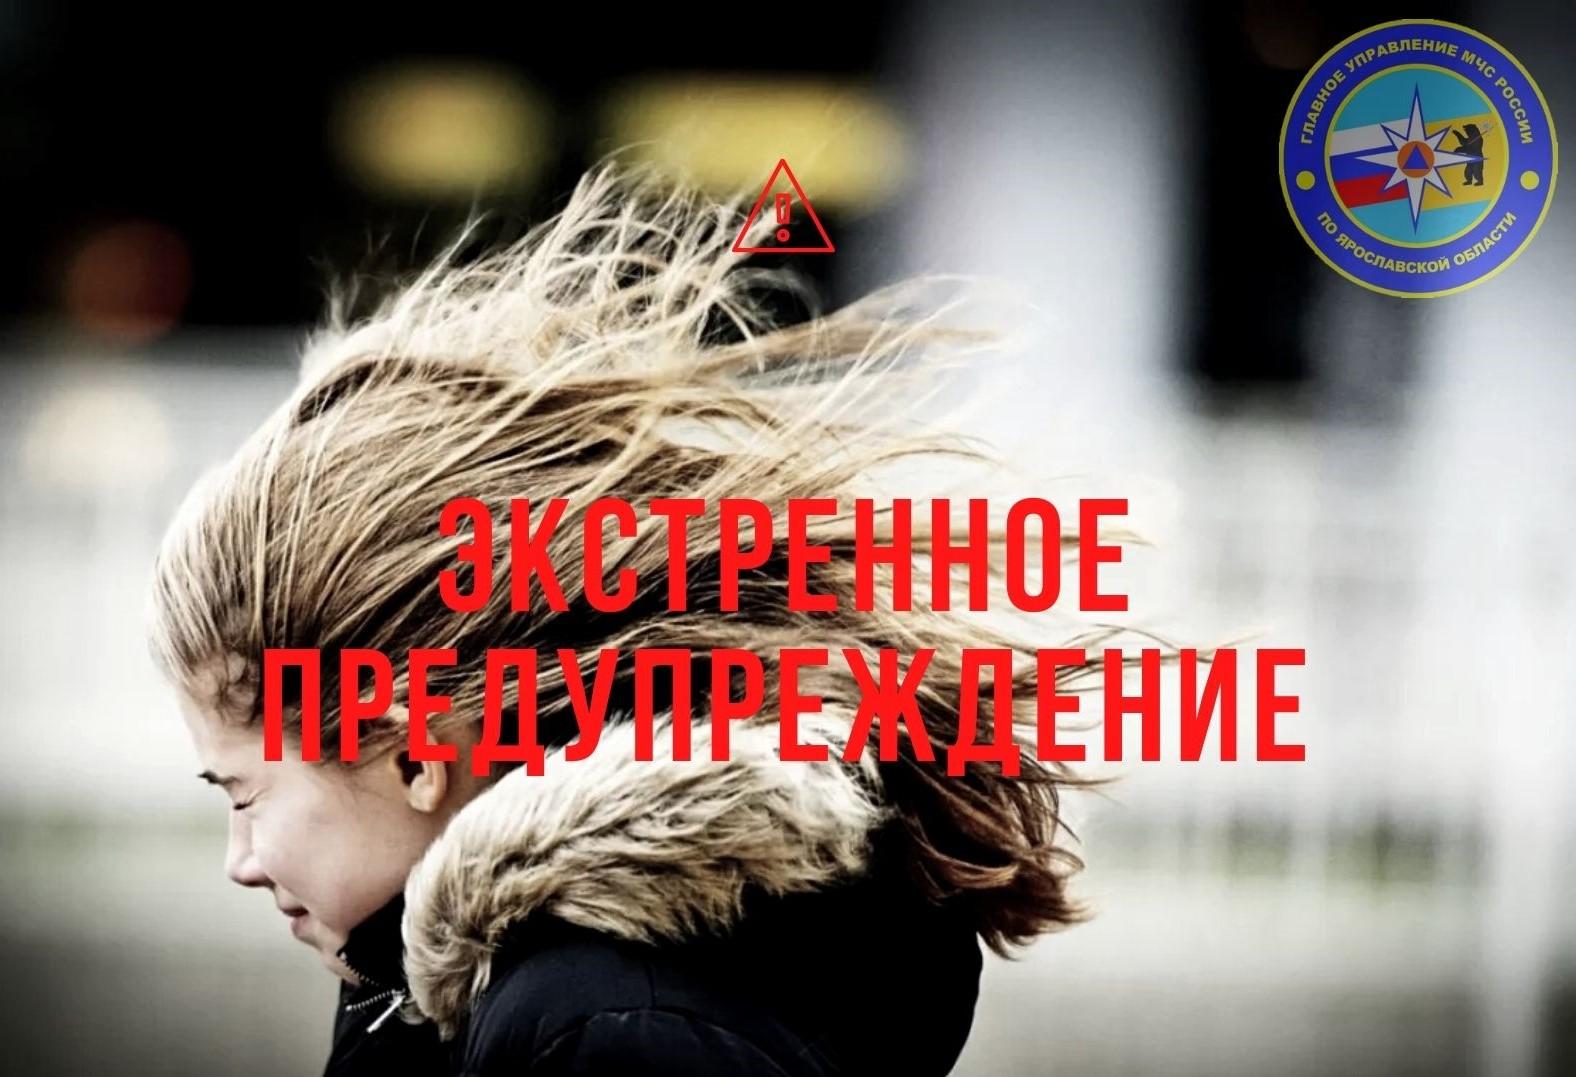 В Ярославской области МЧС опубликовало экстренное предупреждение